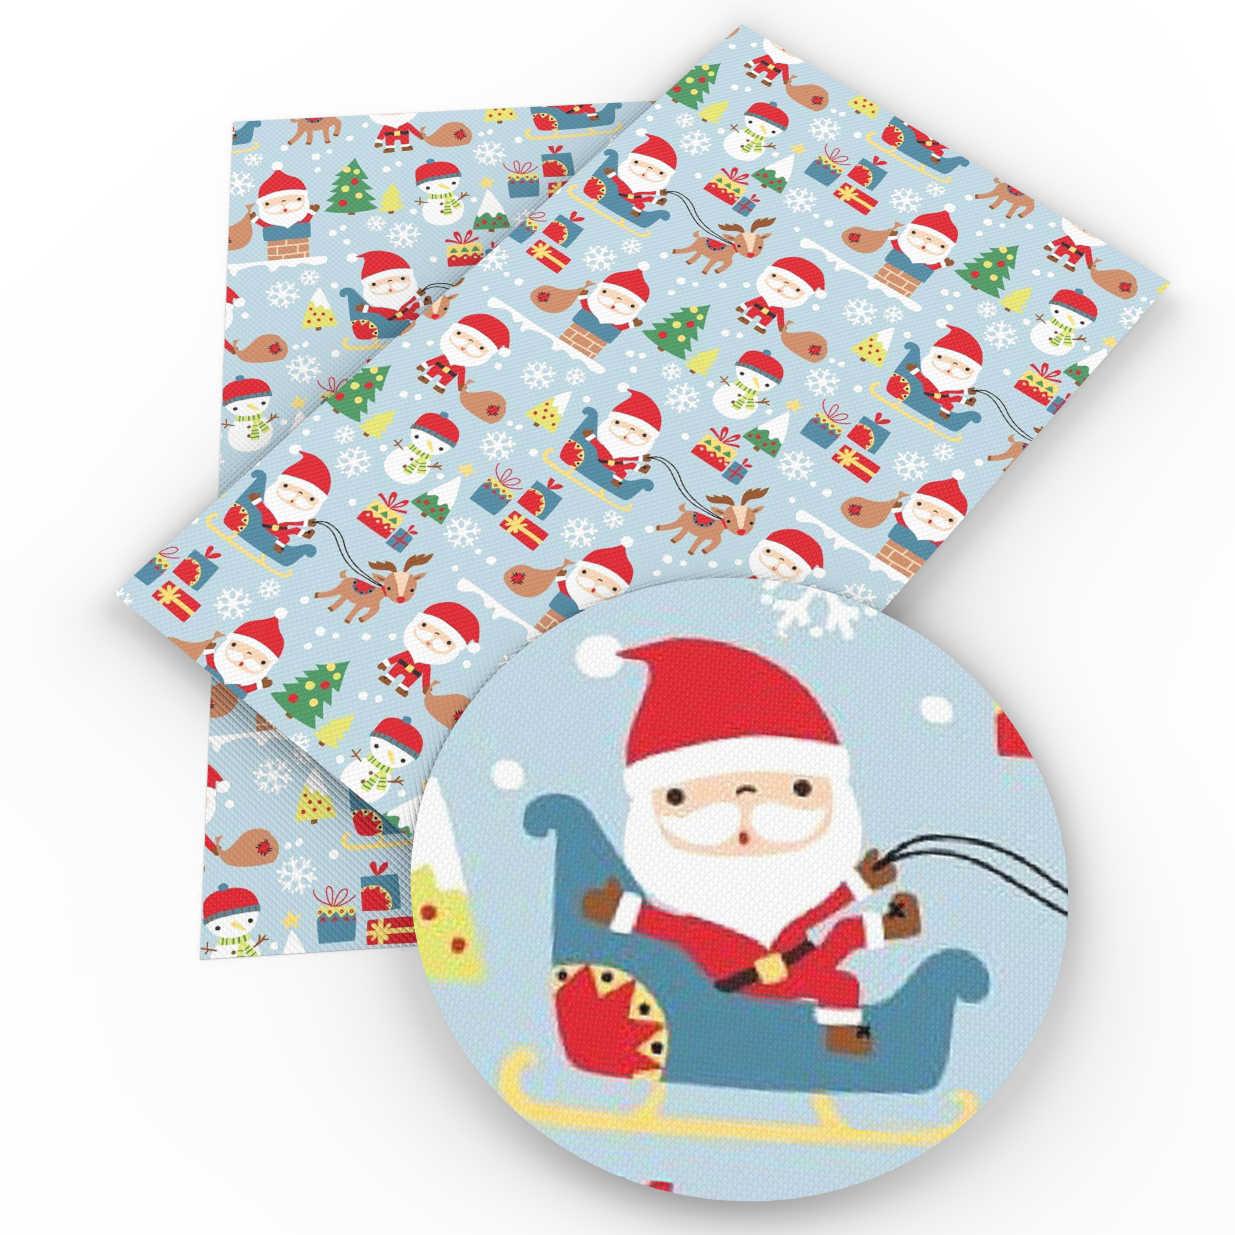 David phụ kiện 20*34 cm Giáng Sinh Santa Faux Nhân Tạo Da Tổng Hợp DIY May Vải cho May Knotbow Túi Xách, 1Yc4848